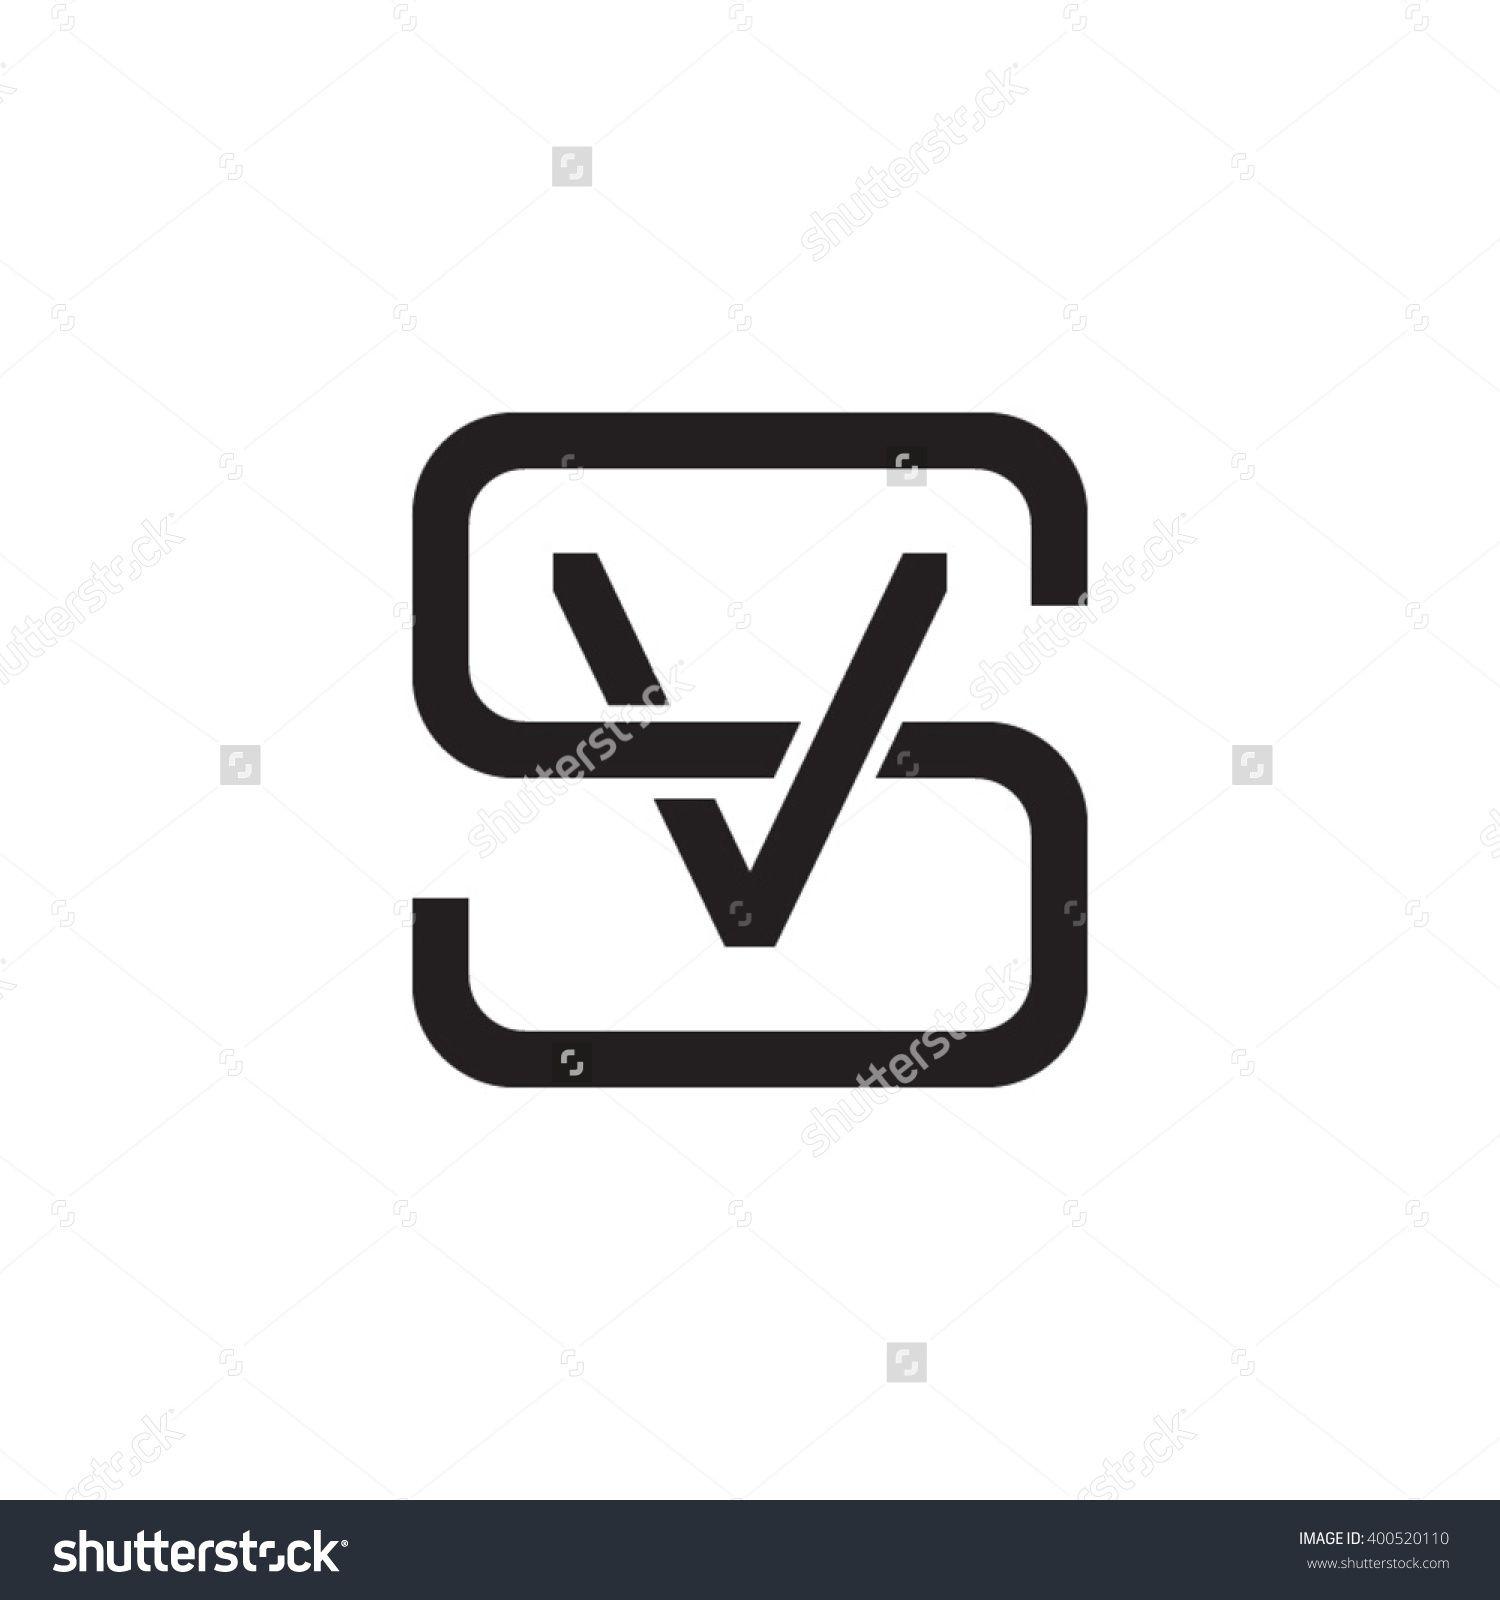 letter S and V monogram square shape logo black